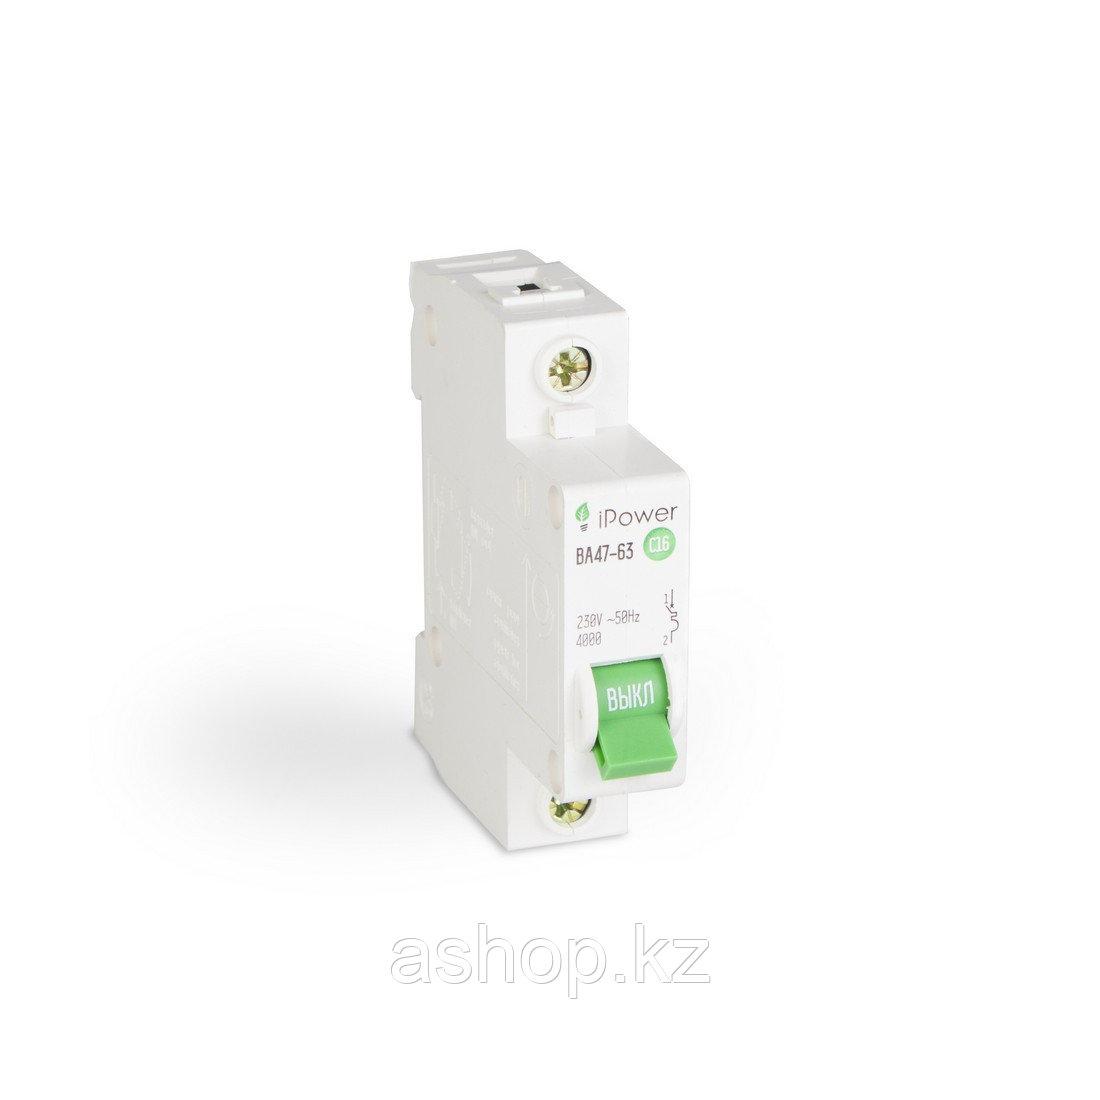 Автоматический выключатель реечный iPower ВА47-63 1P 32А, 230/400 В, Кол-во полюсов: 1, Предел отключения: 4,5